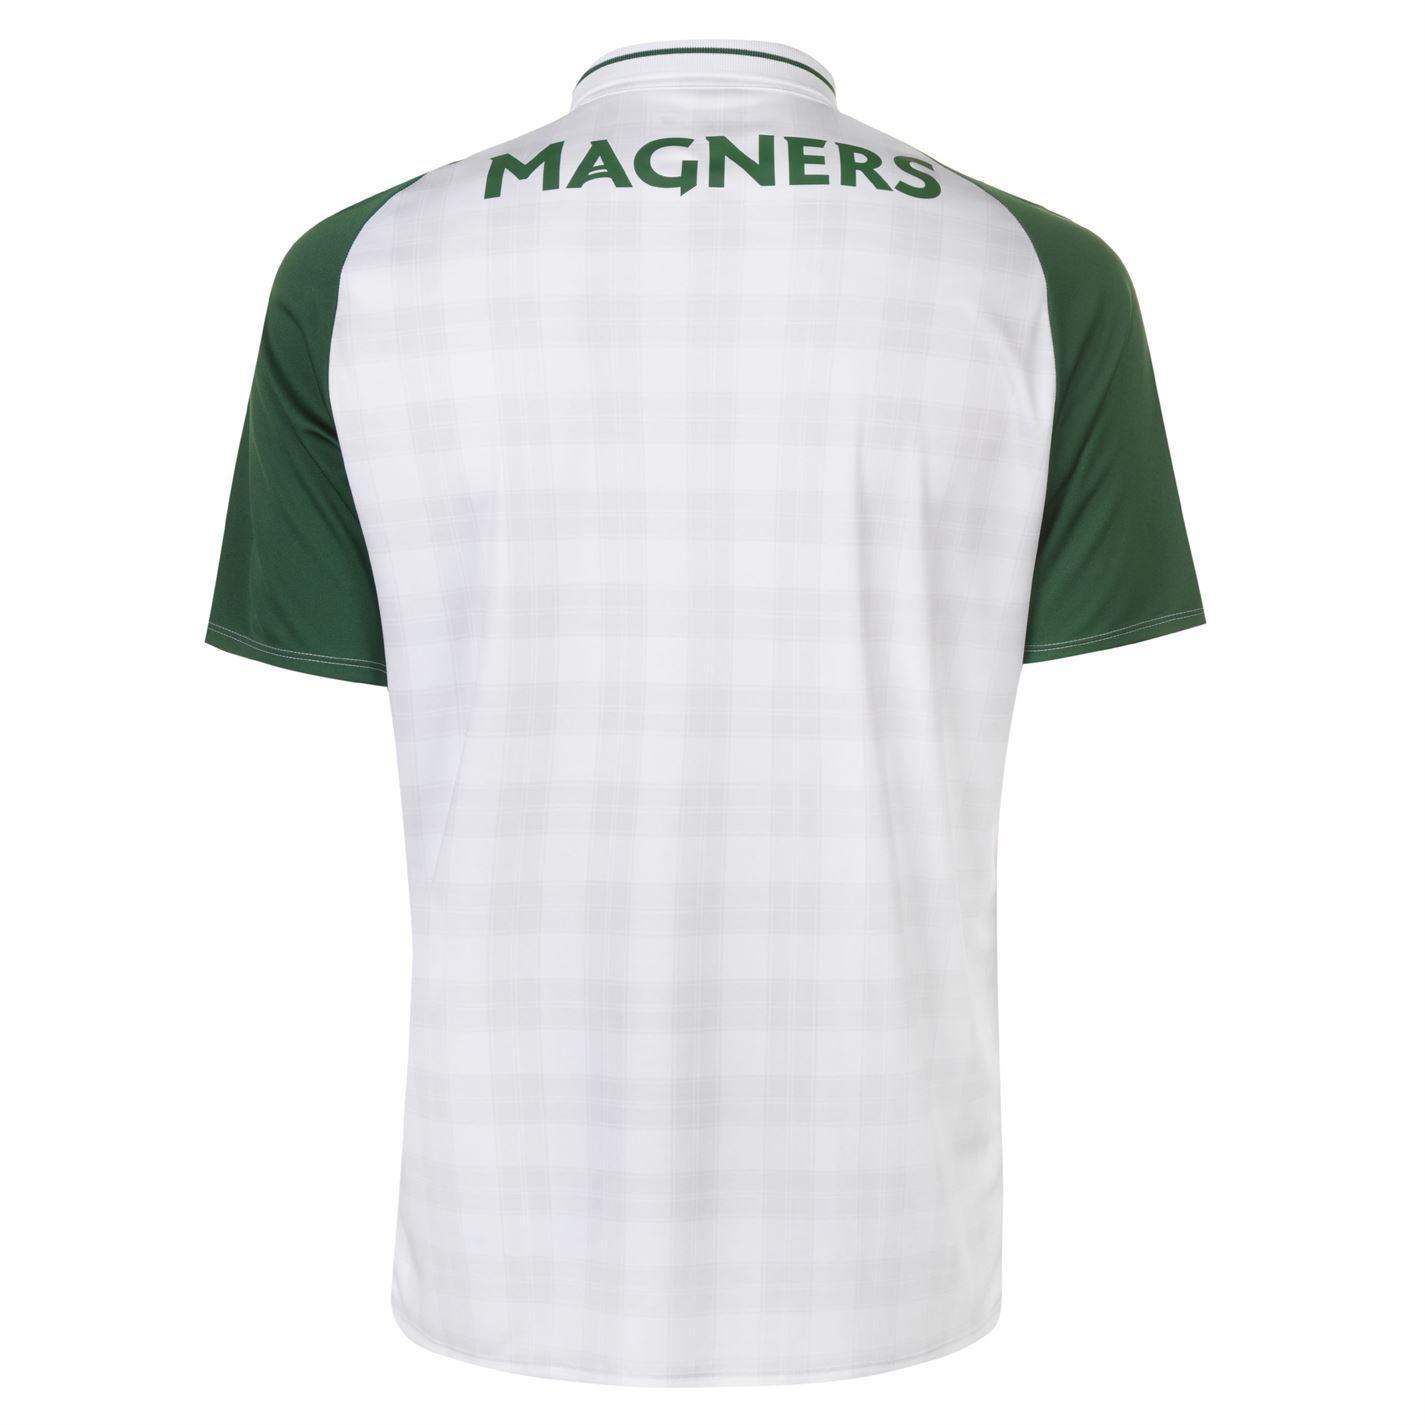 a40fbafe45692 ... New Balance Celtic Away Jersey 2018 2019 Juniors White Football Soccer  Shirt Top ...